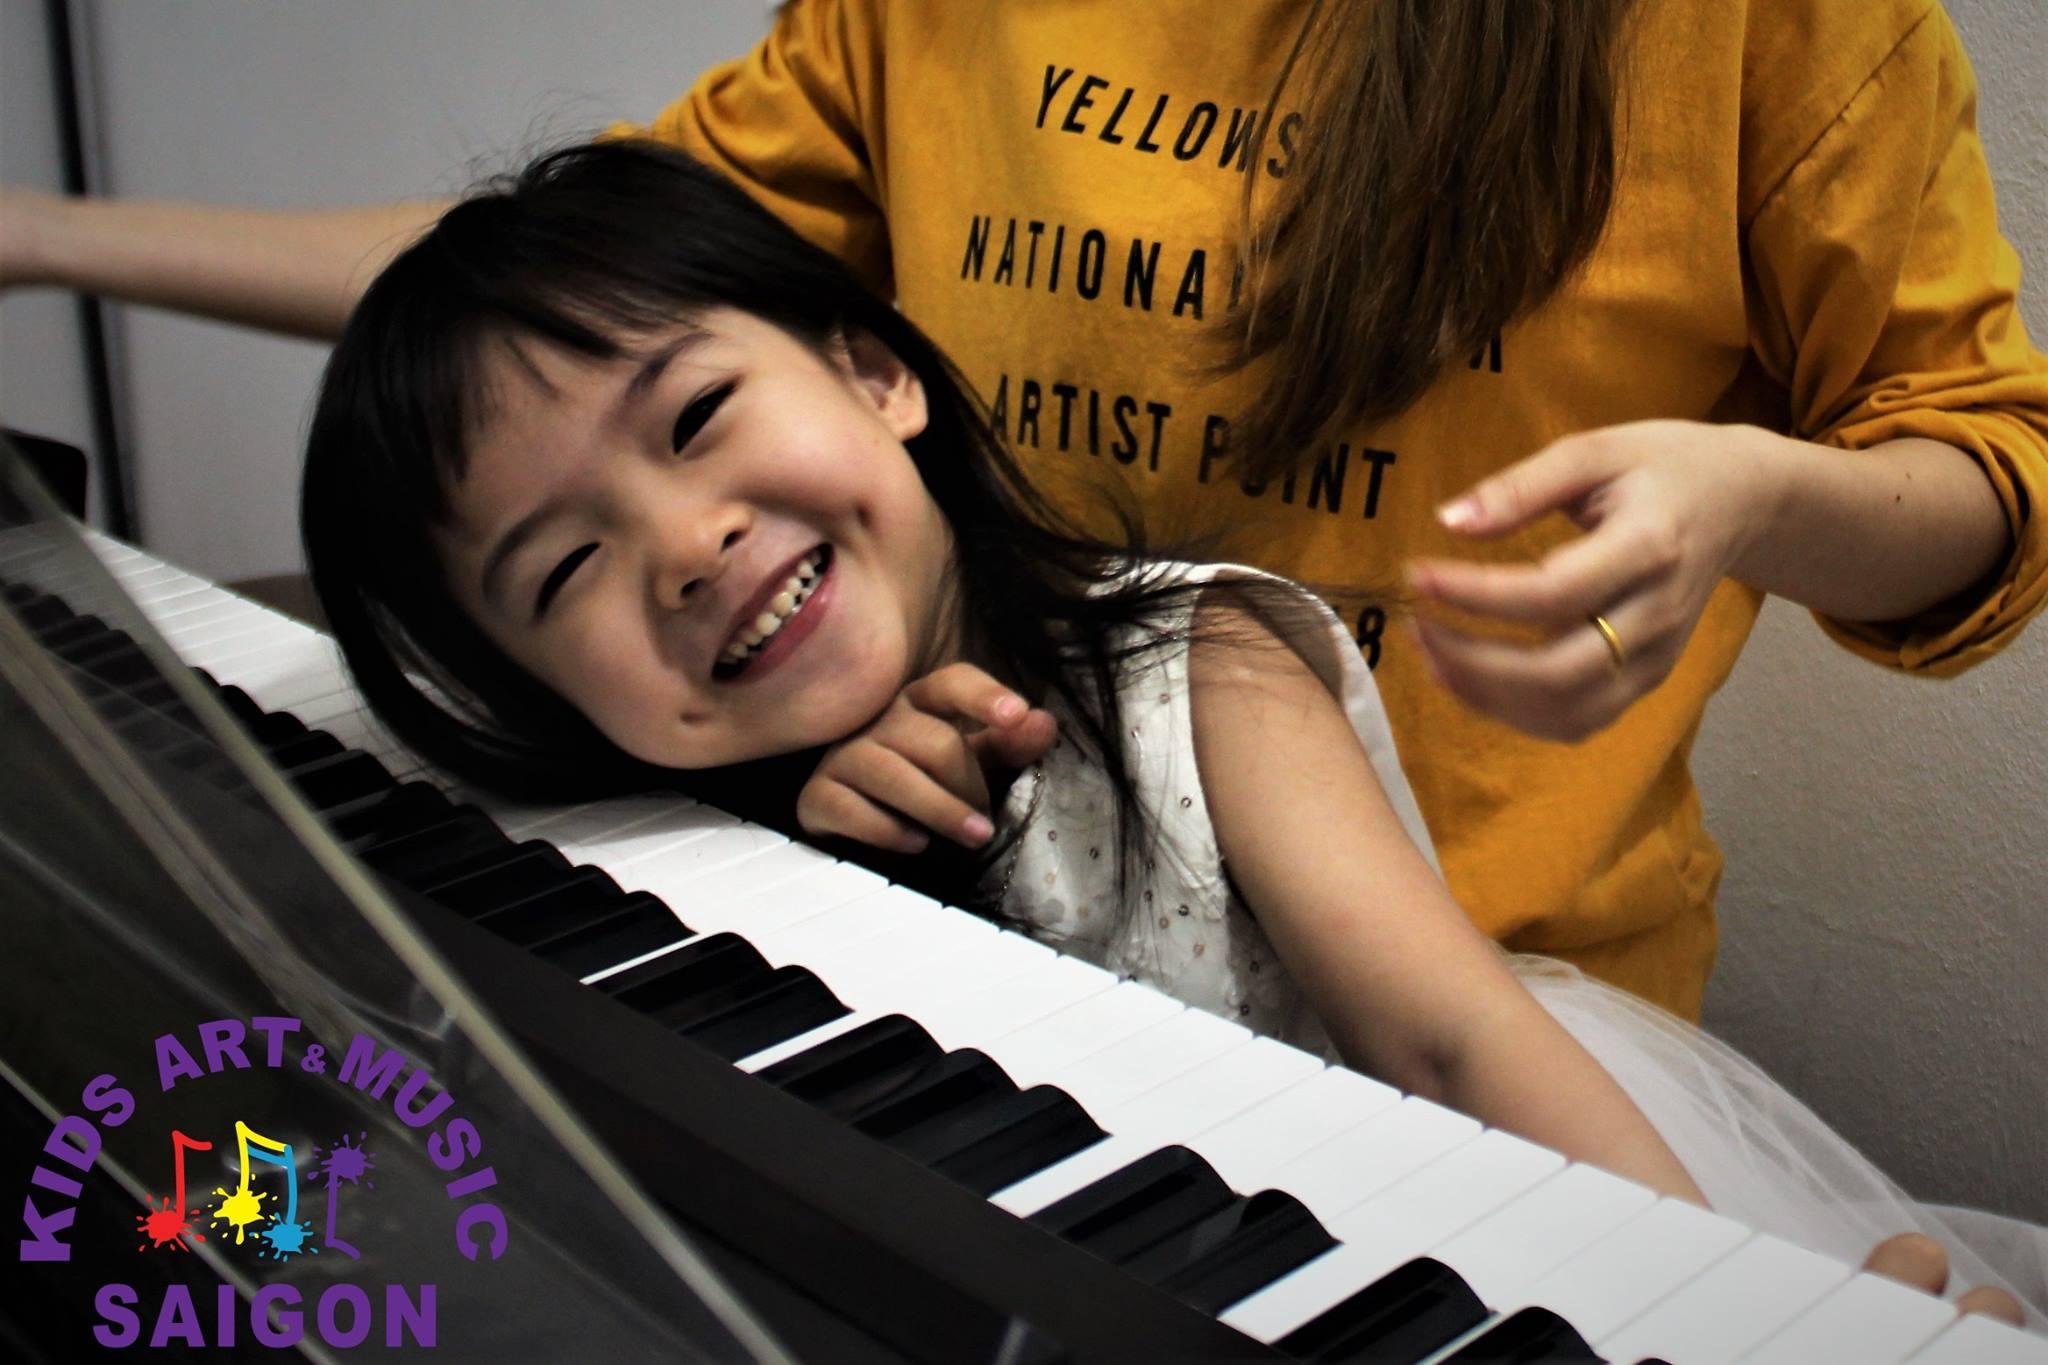 Chia sẻ kinh nghiệm chọn mua đàn Piano điện cho bé - hình ảnh 1